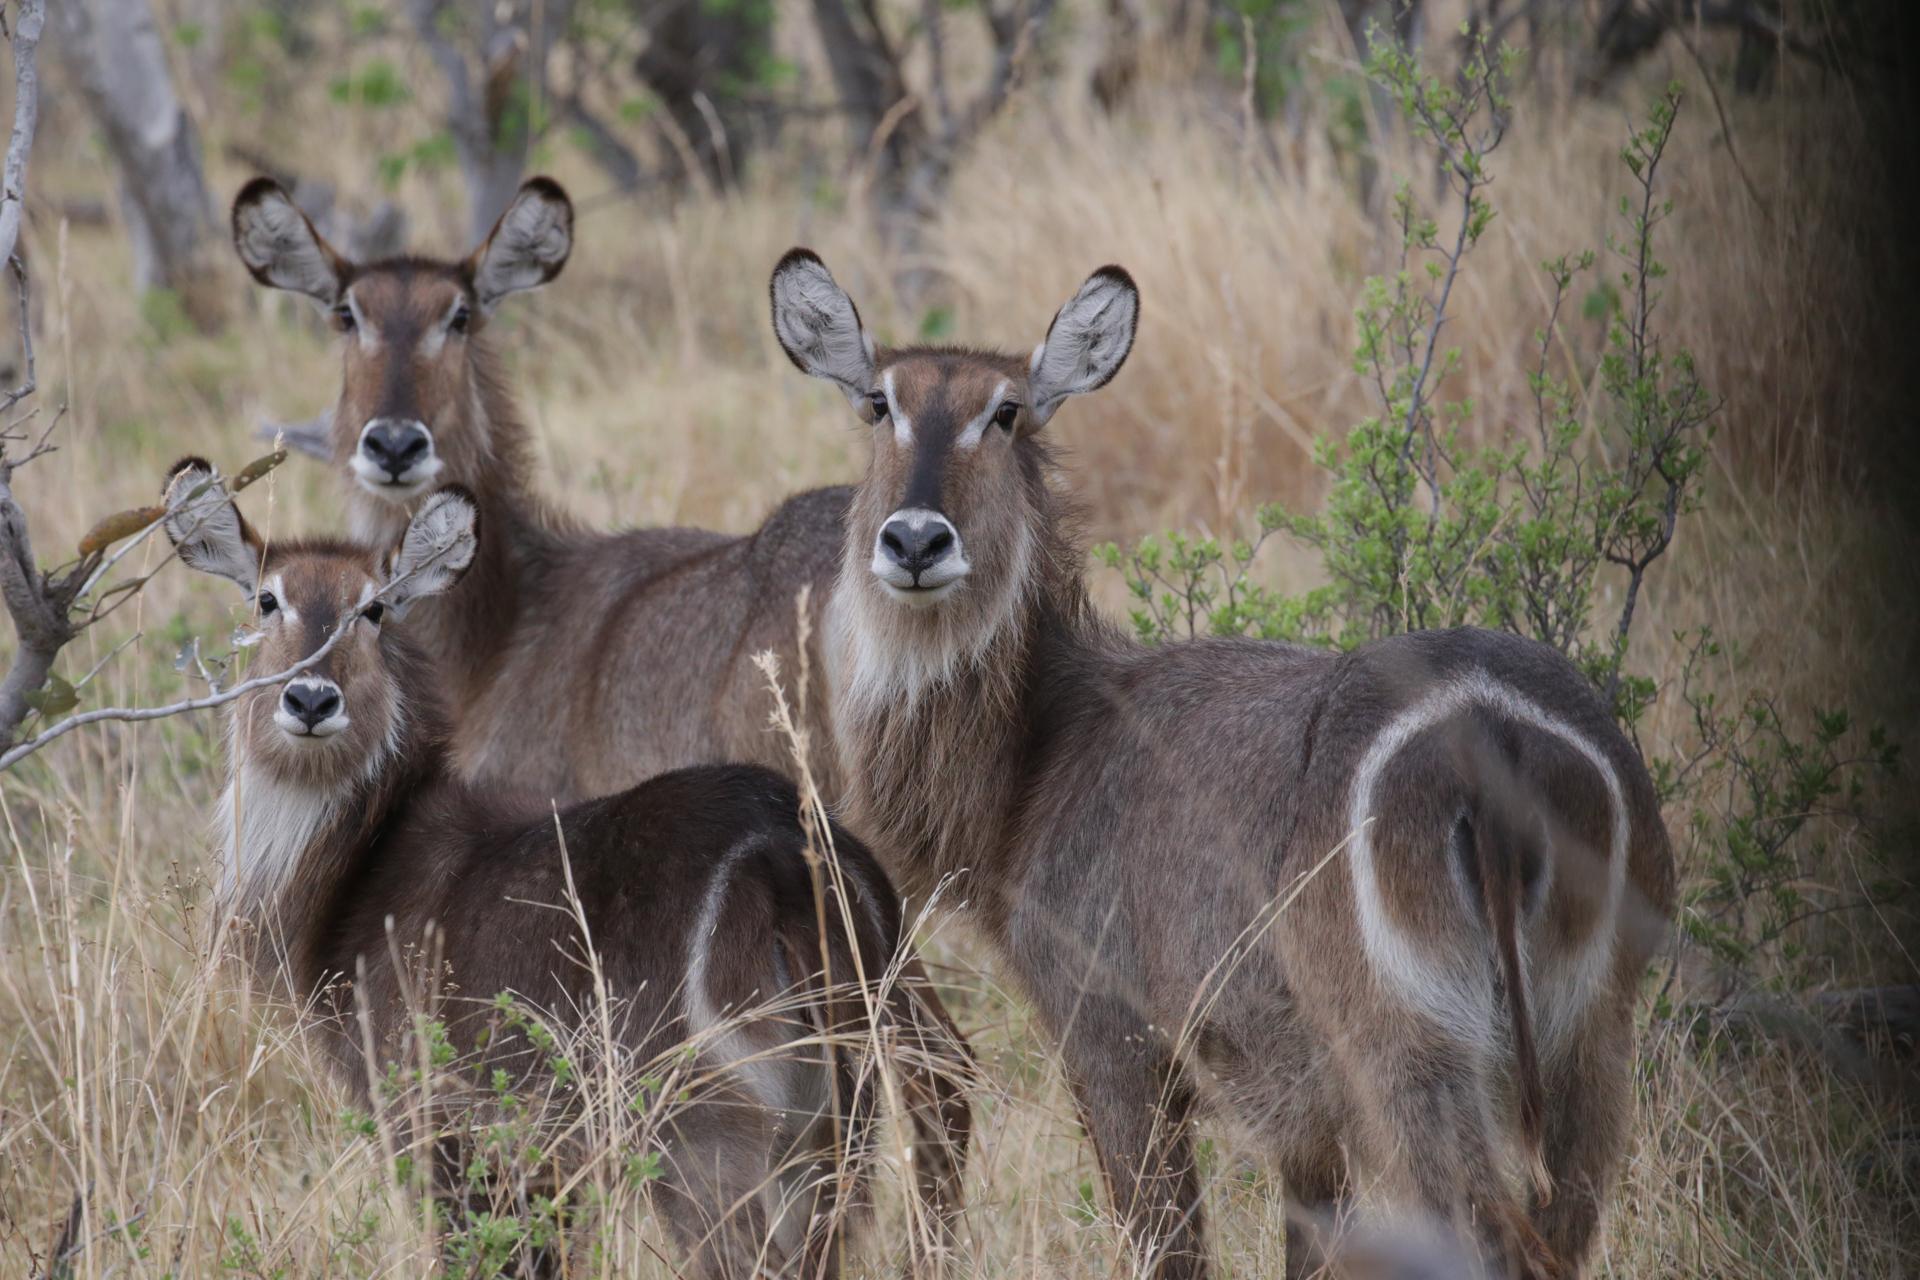 kobe safari botswana Moremi Okavango